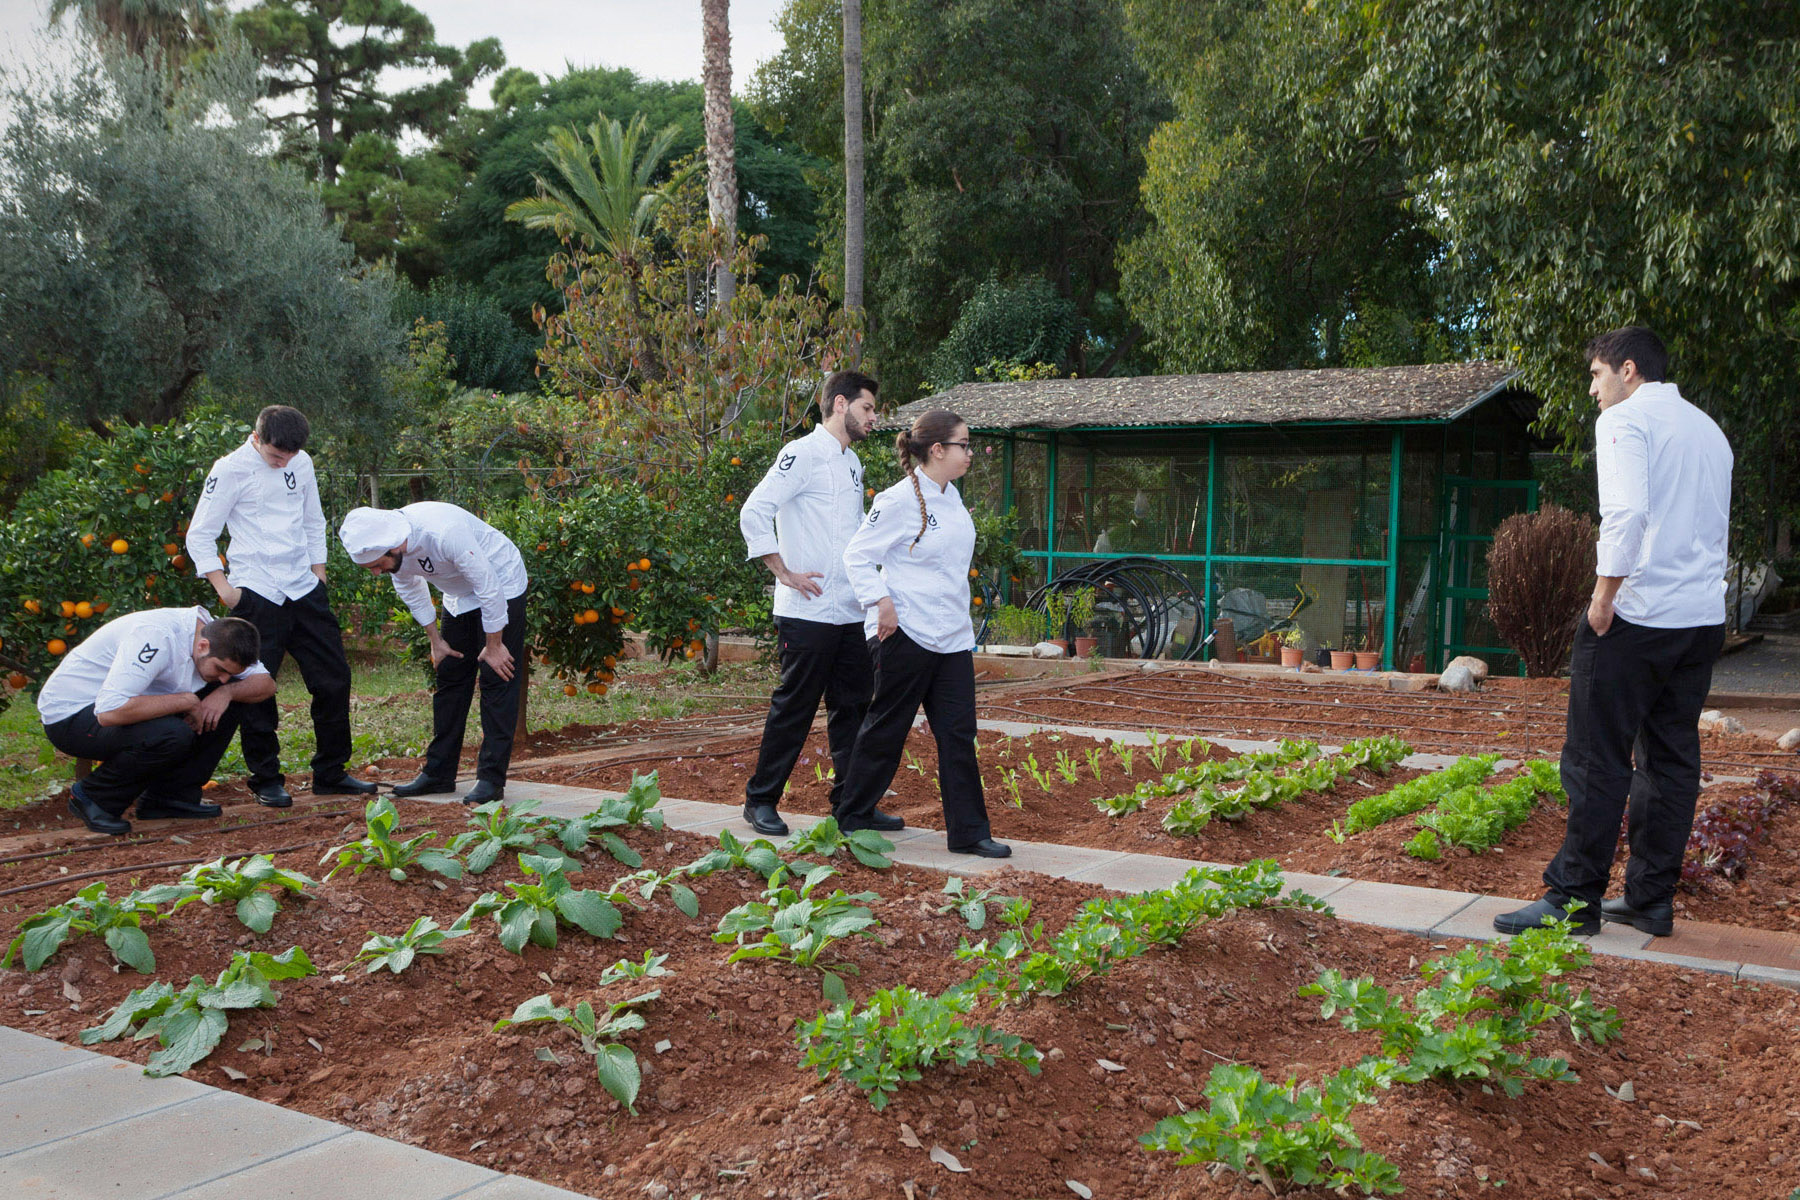 Кампус GASMA имеет свое подсобное хозяйство, где выращивают экологически чистые овощи